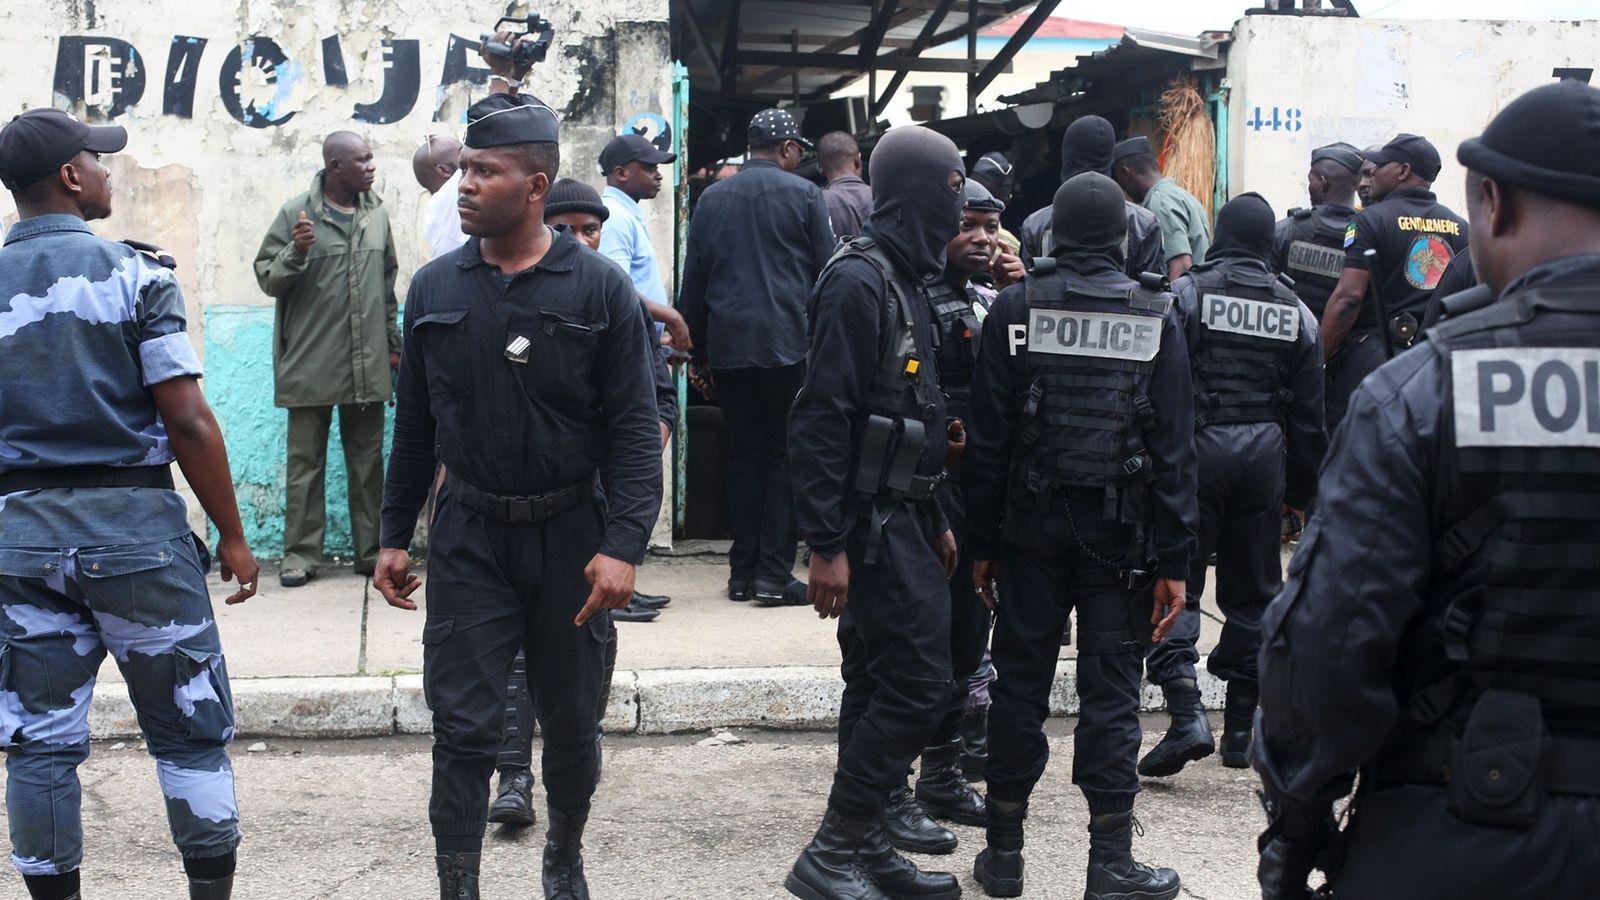 Des policiers arrivent au marché de Libreville le 17 décembre, au Gabon où les deux journalistes ...